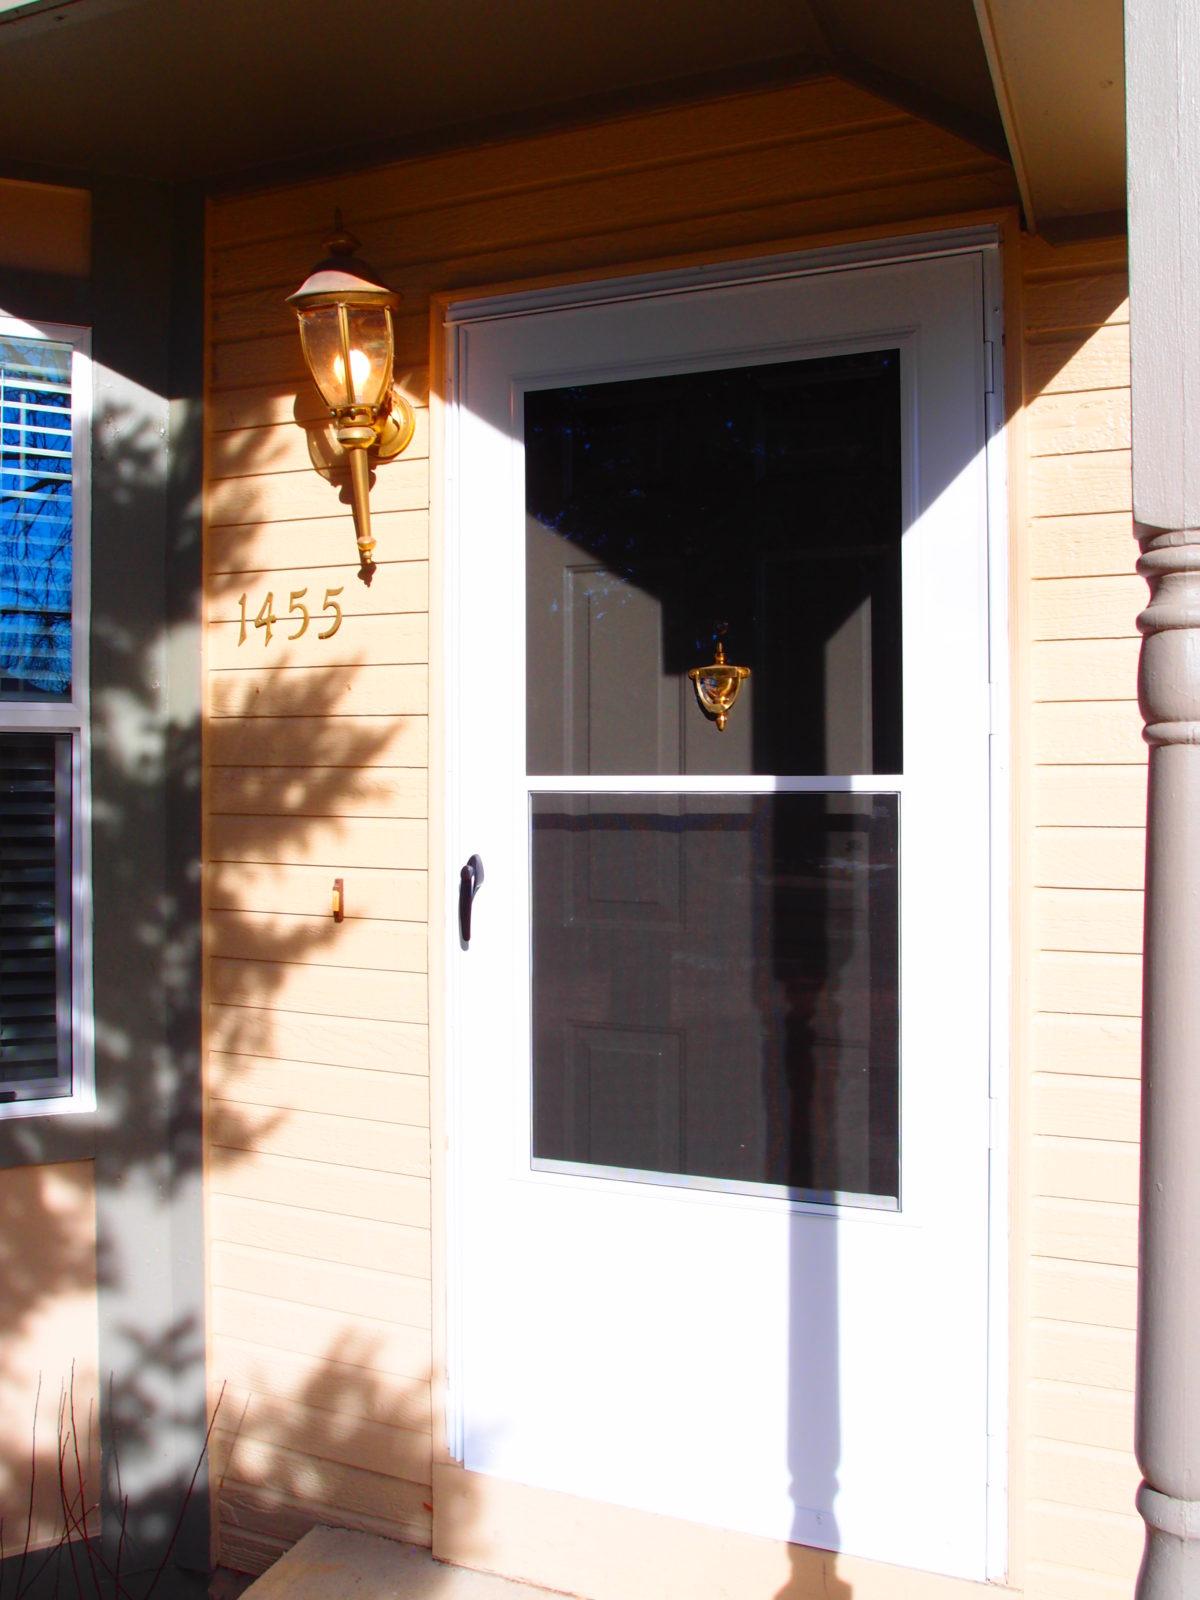 1455 Front Door